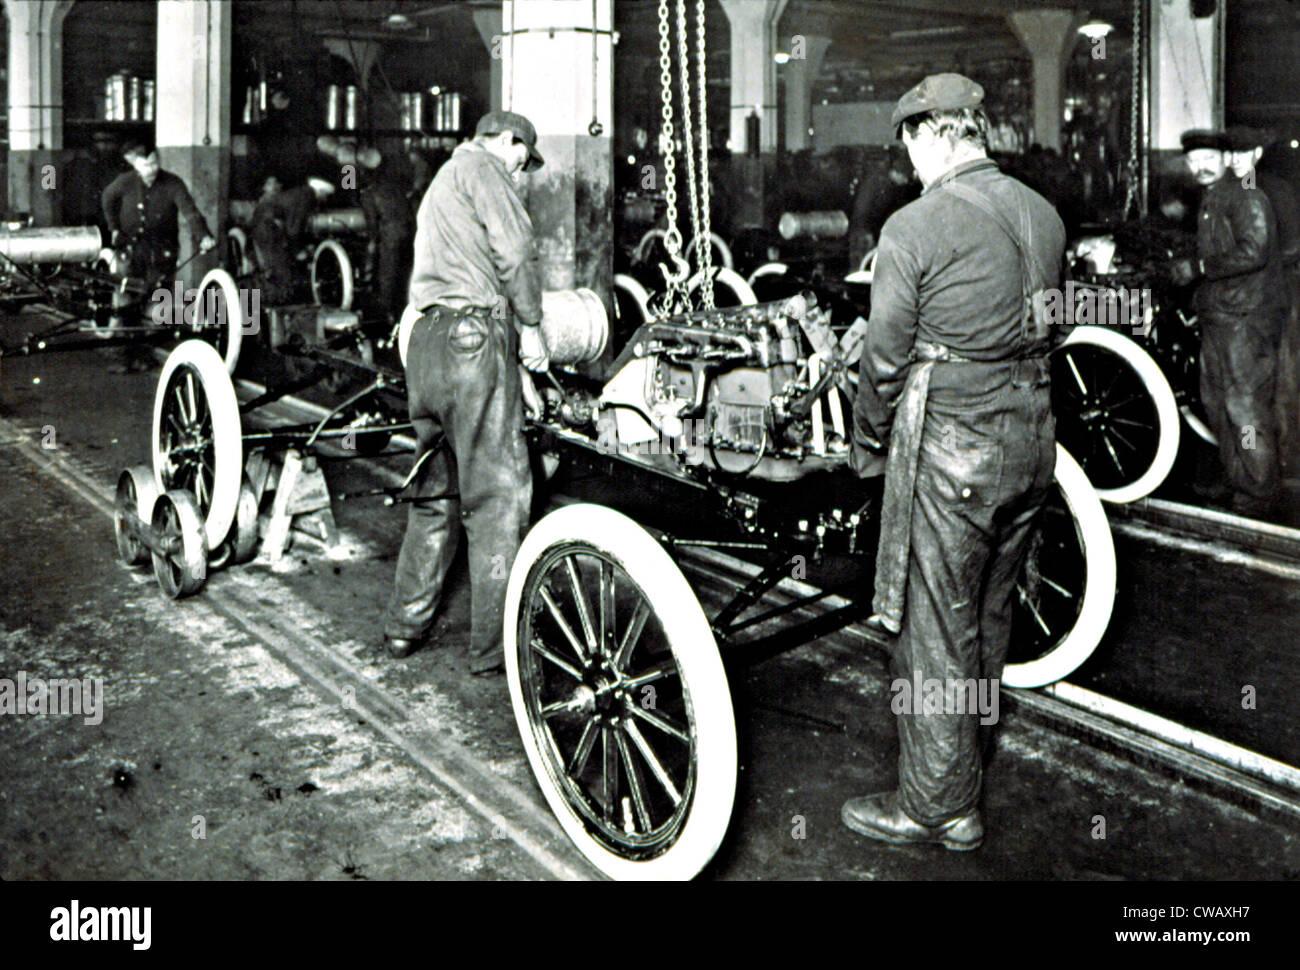 FORD MOTOR COMPANY in den frühen 1900er Jahren, zeigt das Fließband... Höflichkeit: CSU Archive / Stockbild